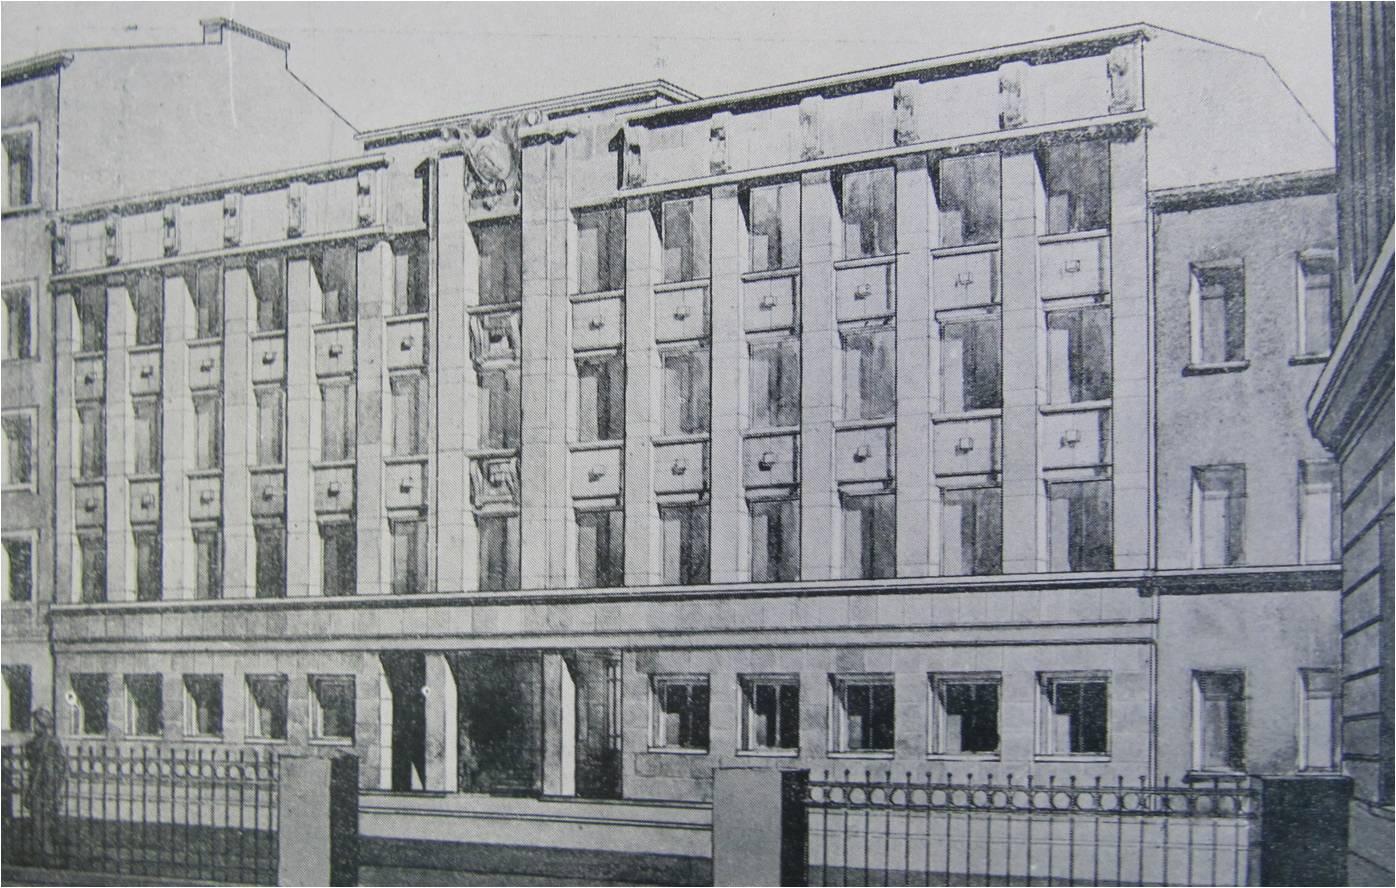 4.Воронежская ул., 42. 1934-1936 гг. Школа. Проект.